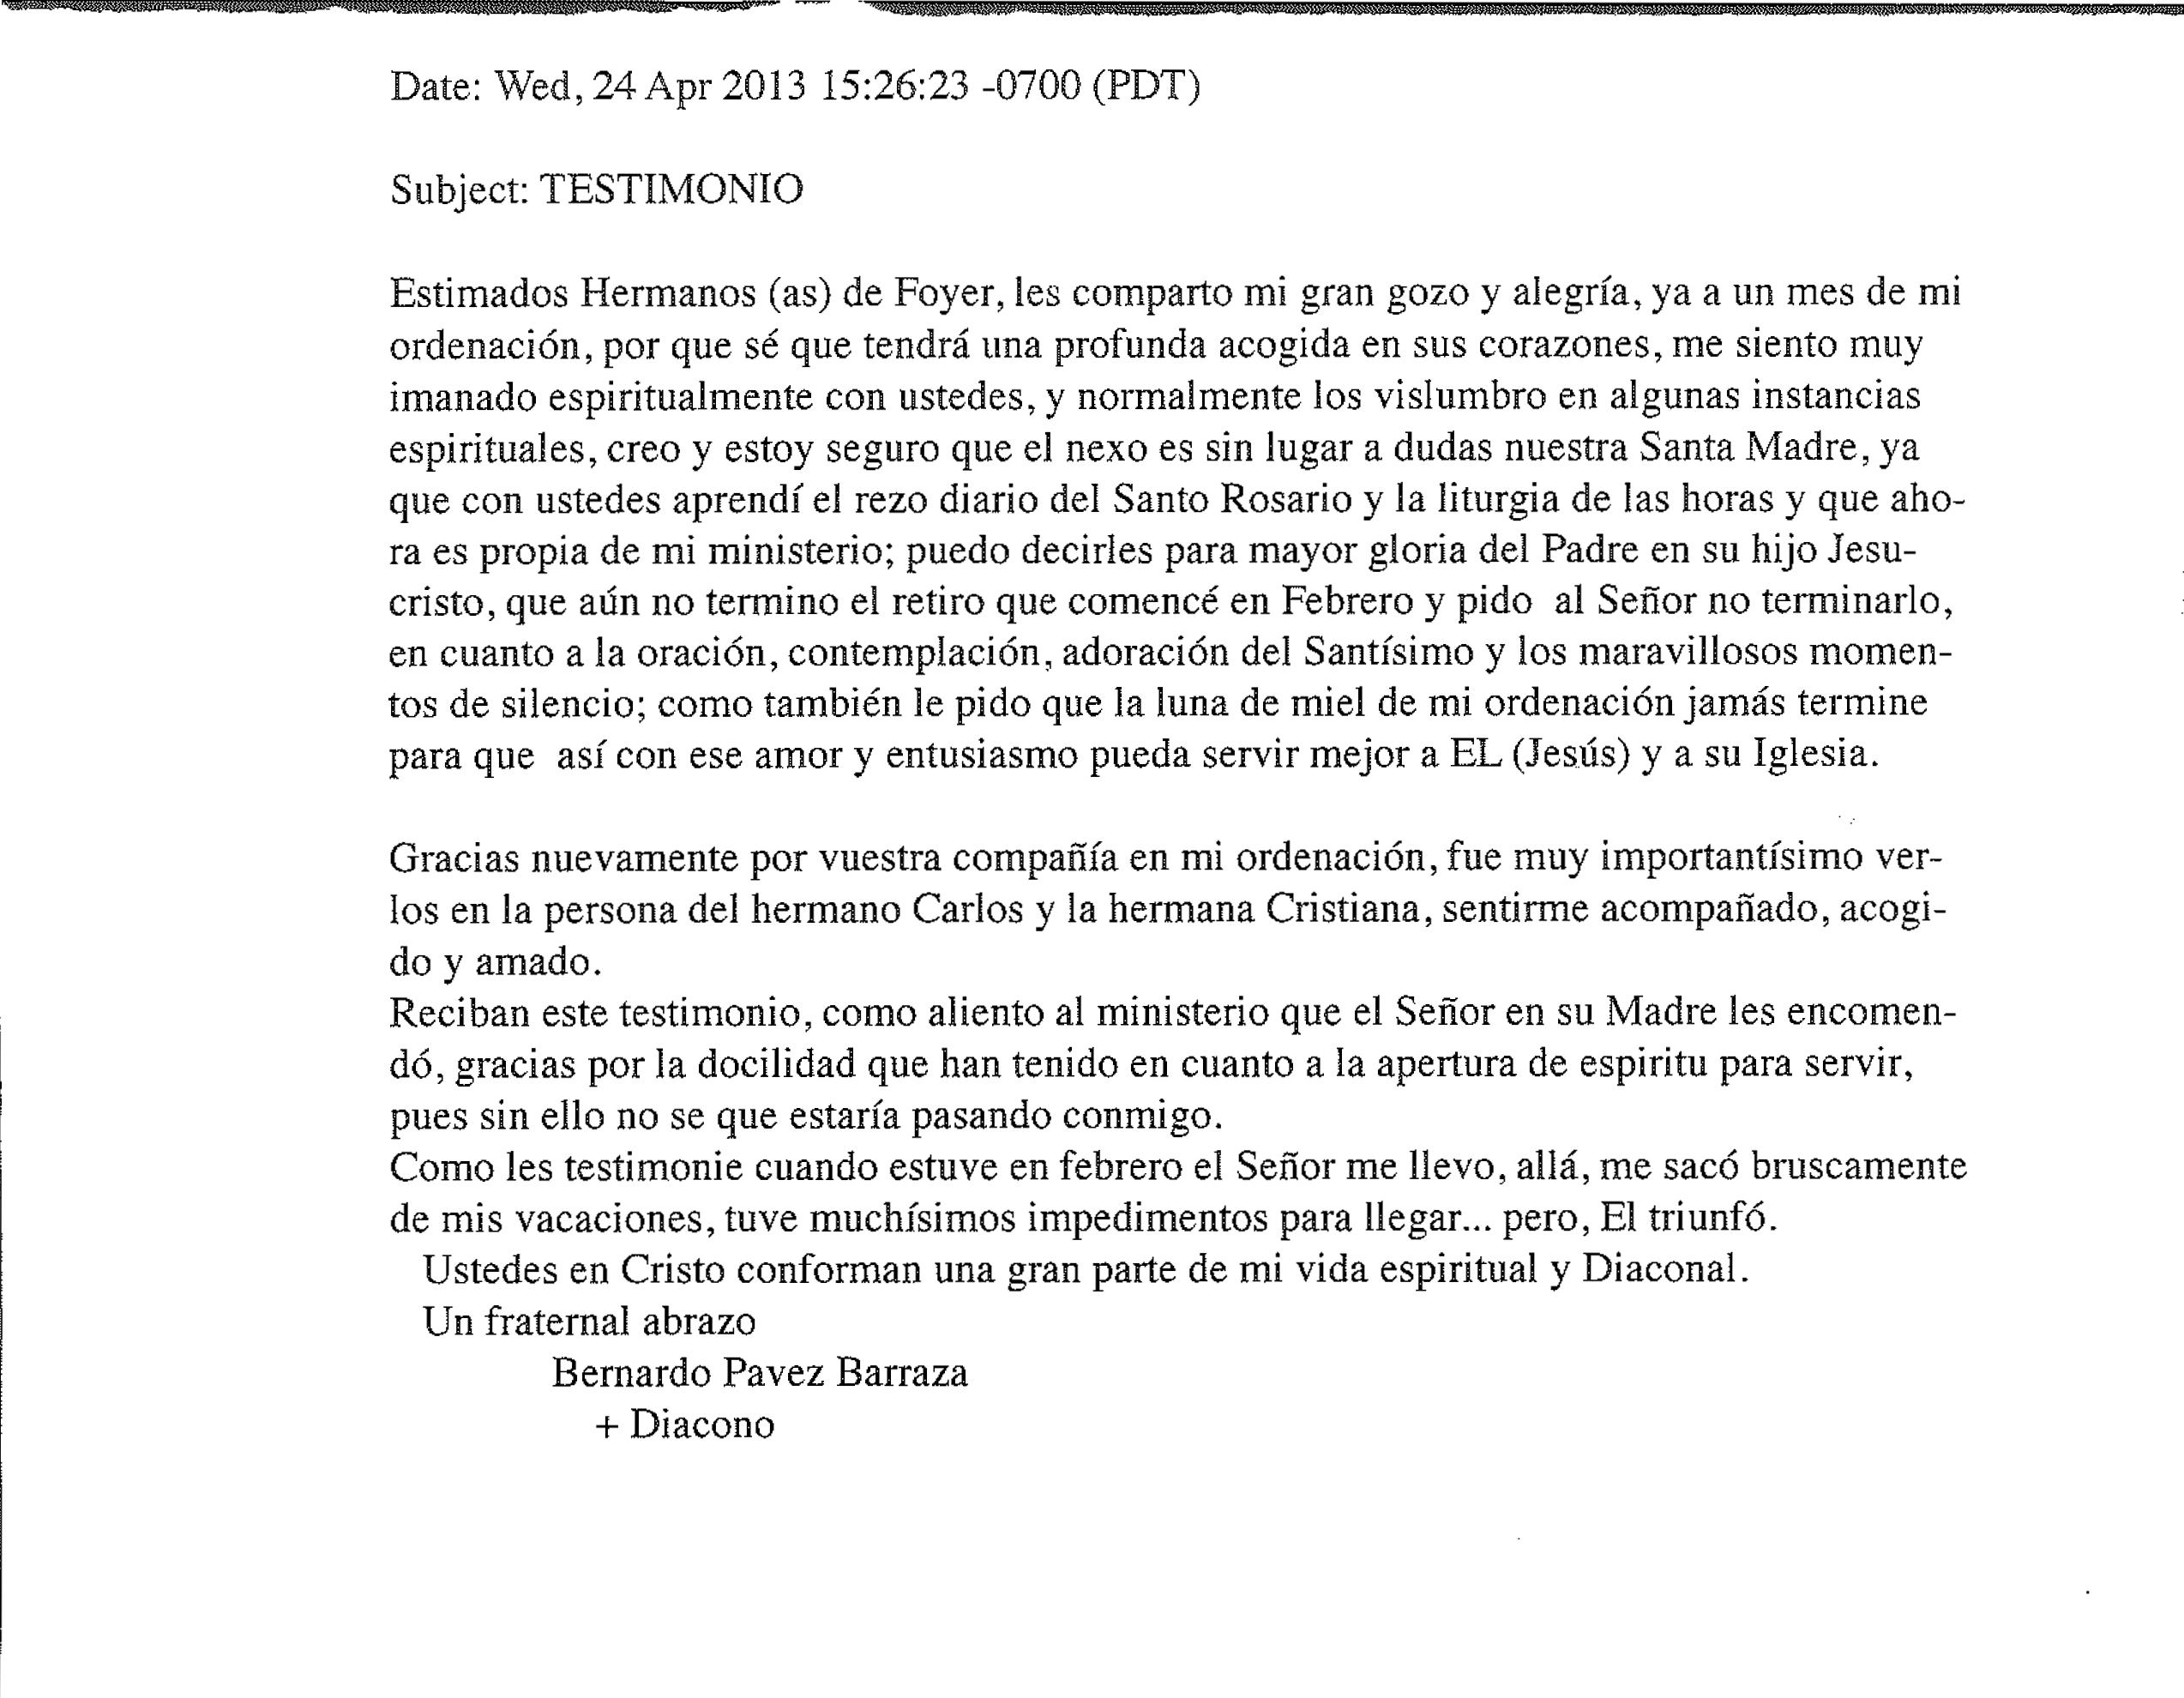 10c Bernardo Pávez Diácono